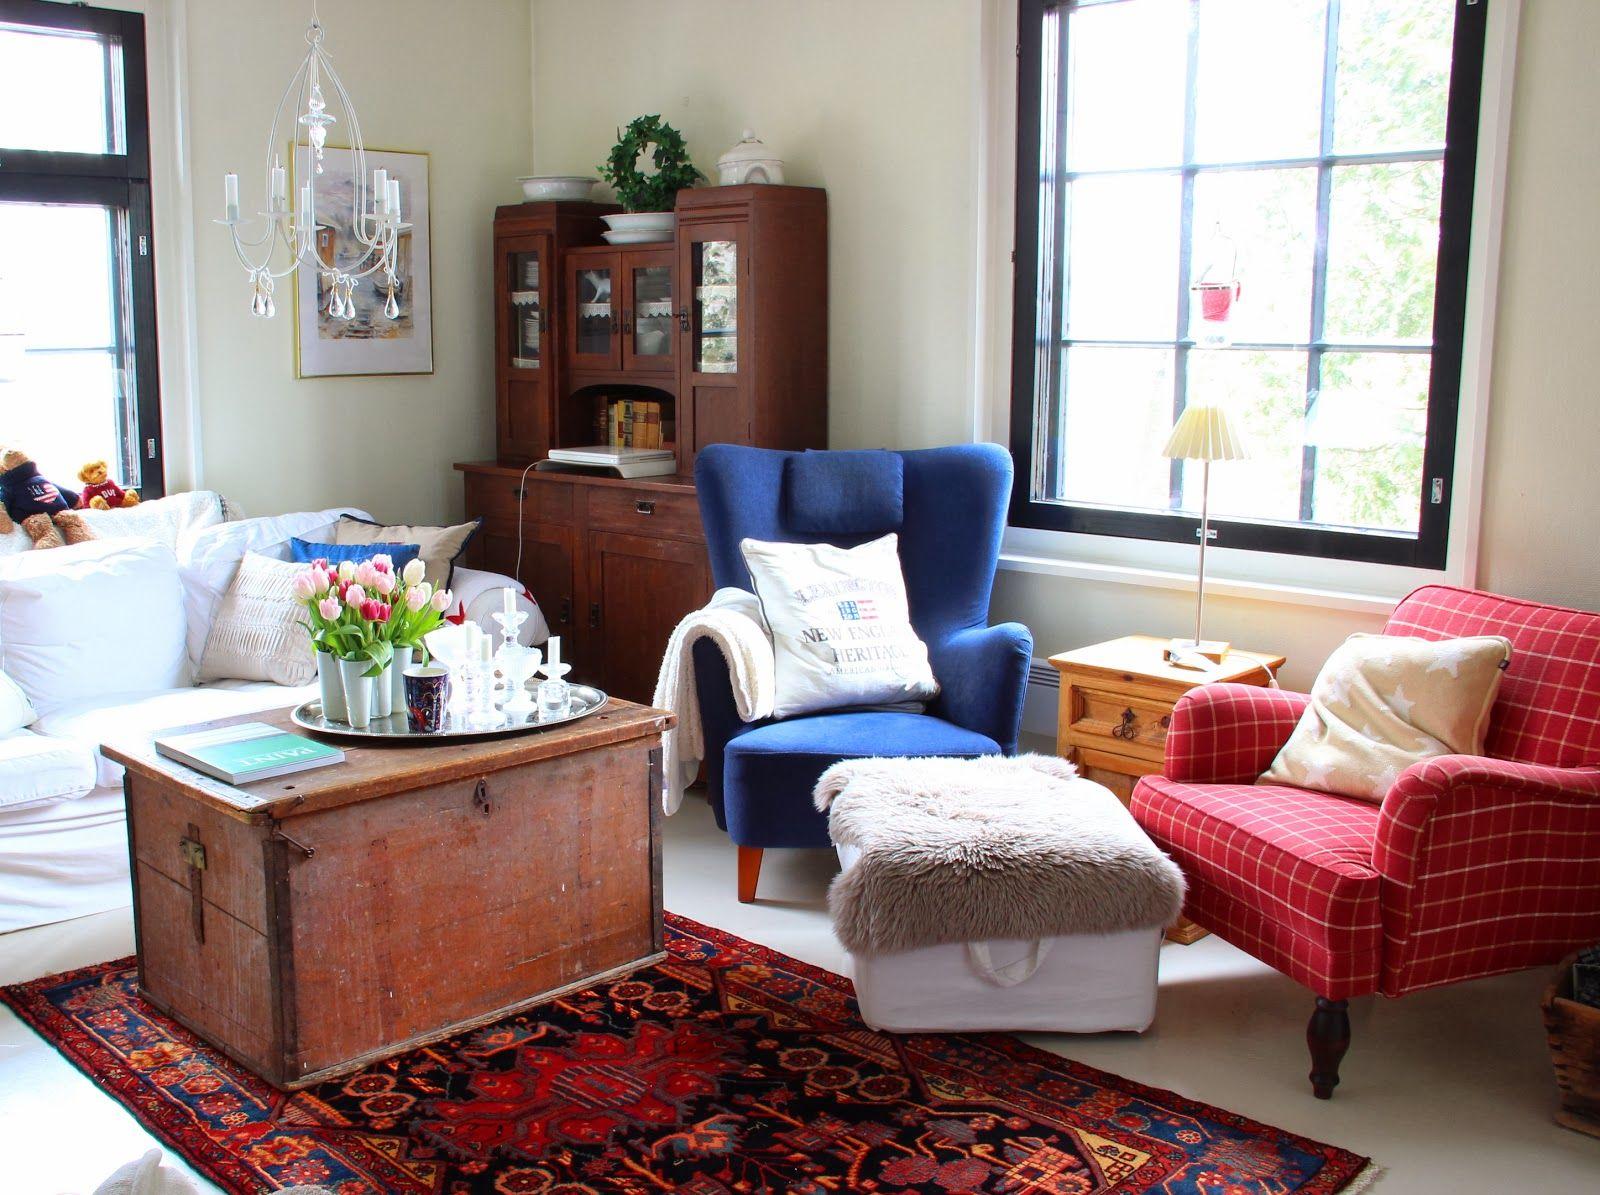 Living room: Oriental rug